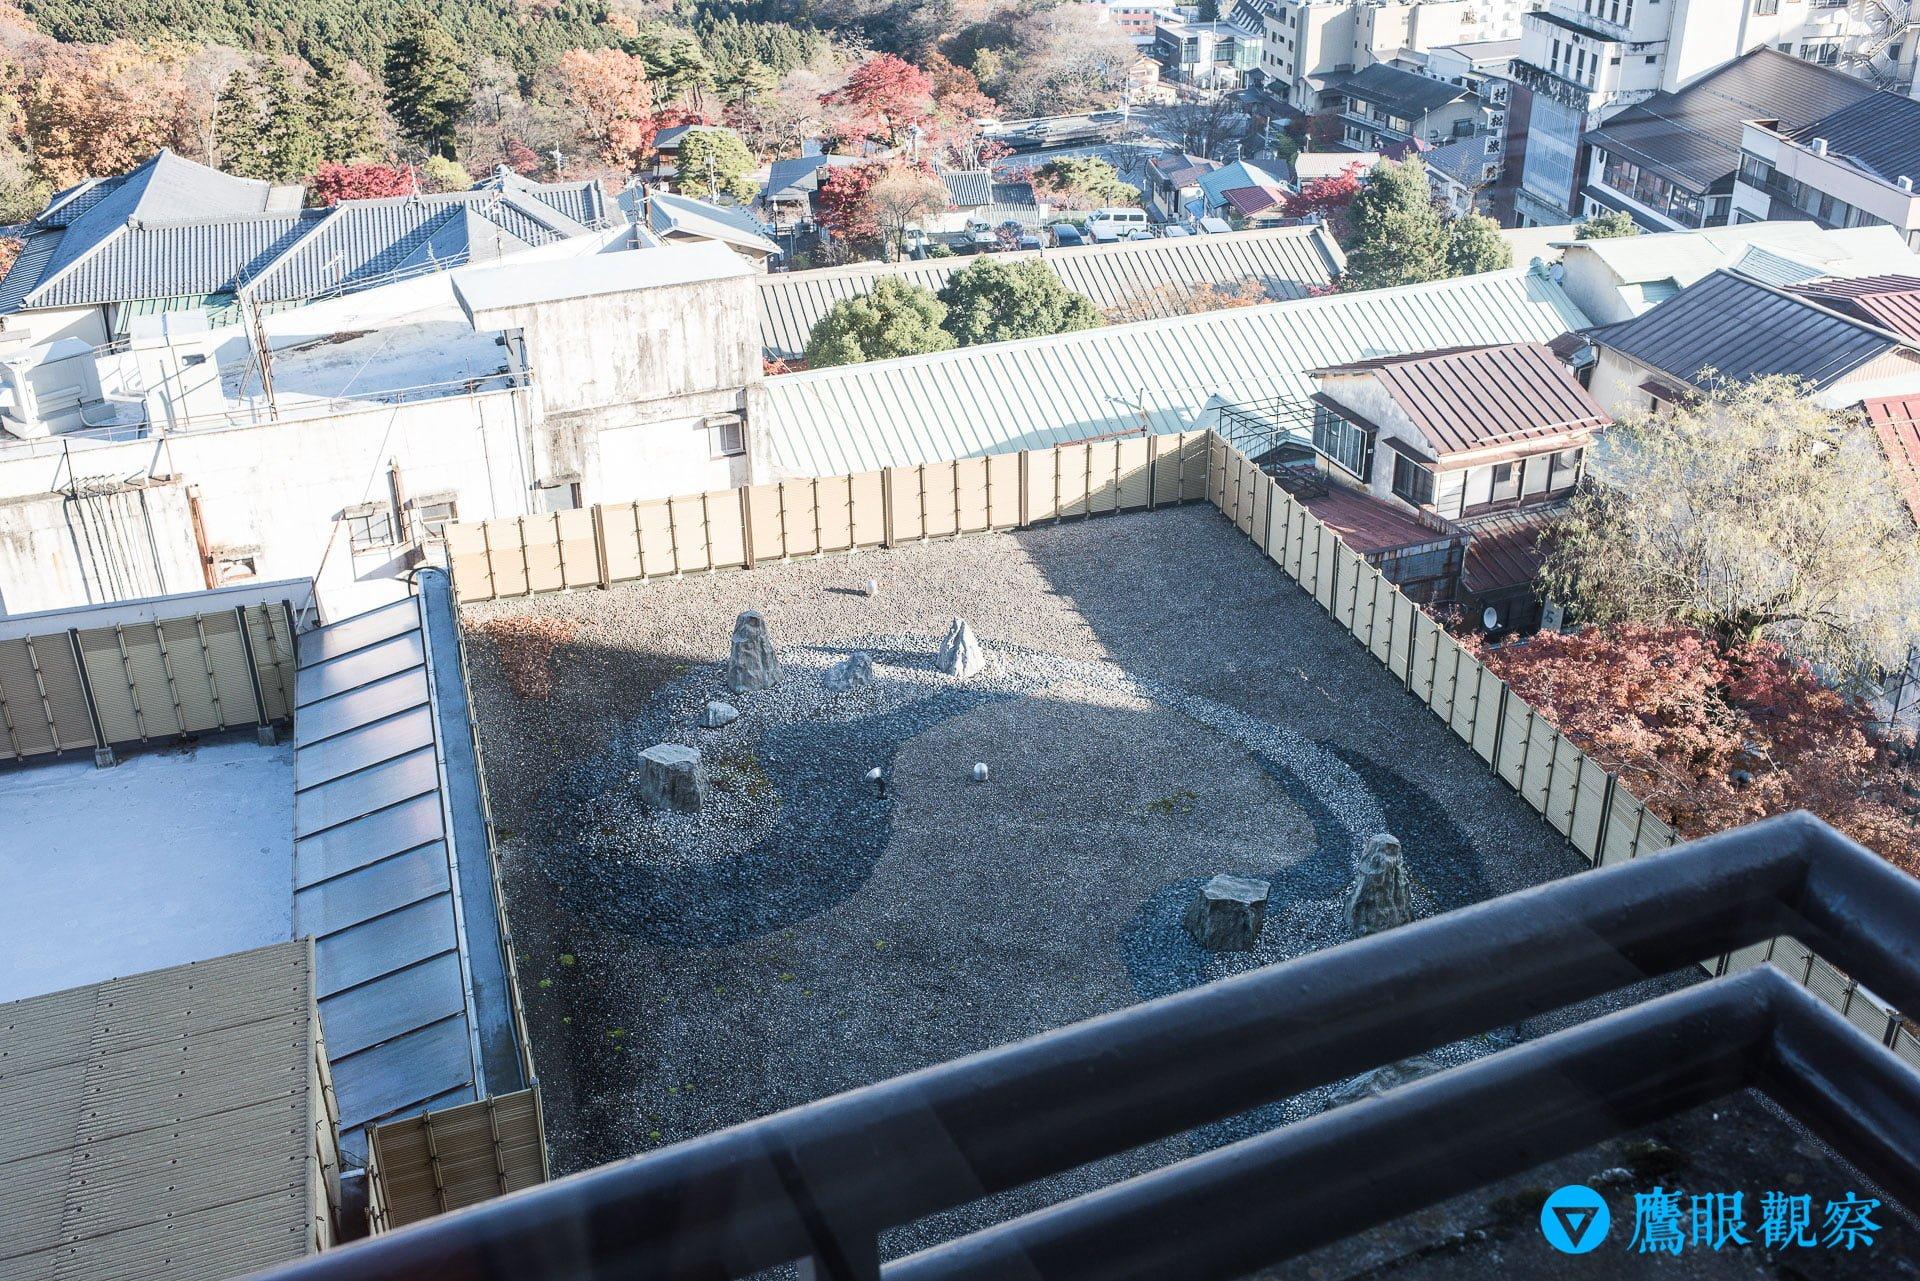 travel Japan gunma kishigon ryokan hotel in izumo spa hot spring 70 群馬縣伊香保溫泉「岸權旅館」日本旅館住宿推薦